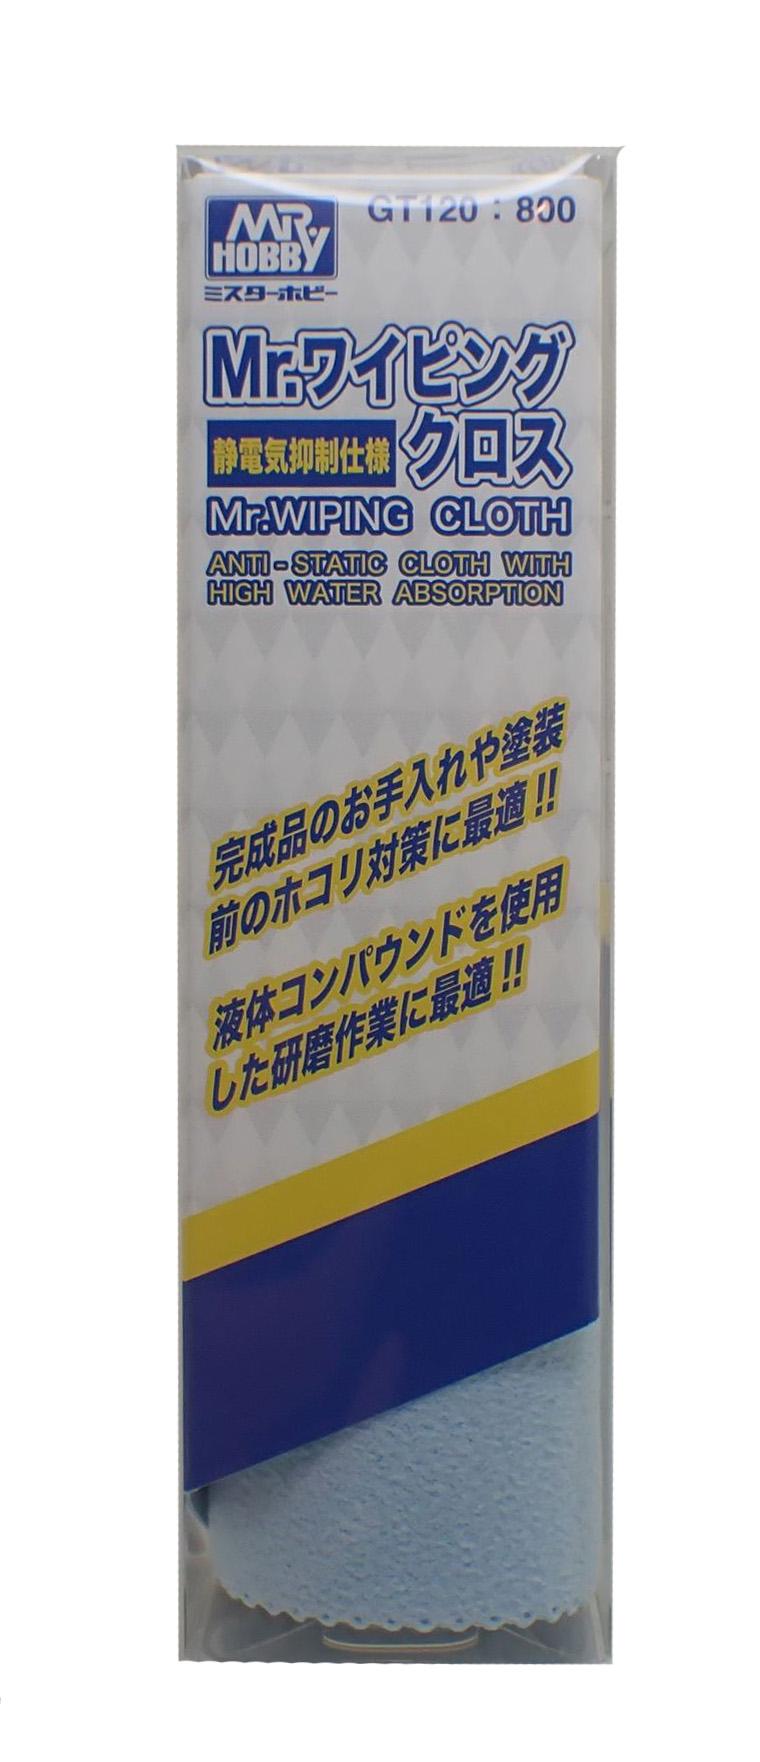 gsi-gt120  Mr.ワイピングクロス 静電気抑制仕様 250mm×250mm 1枚入り